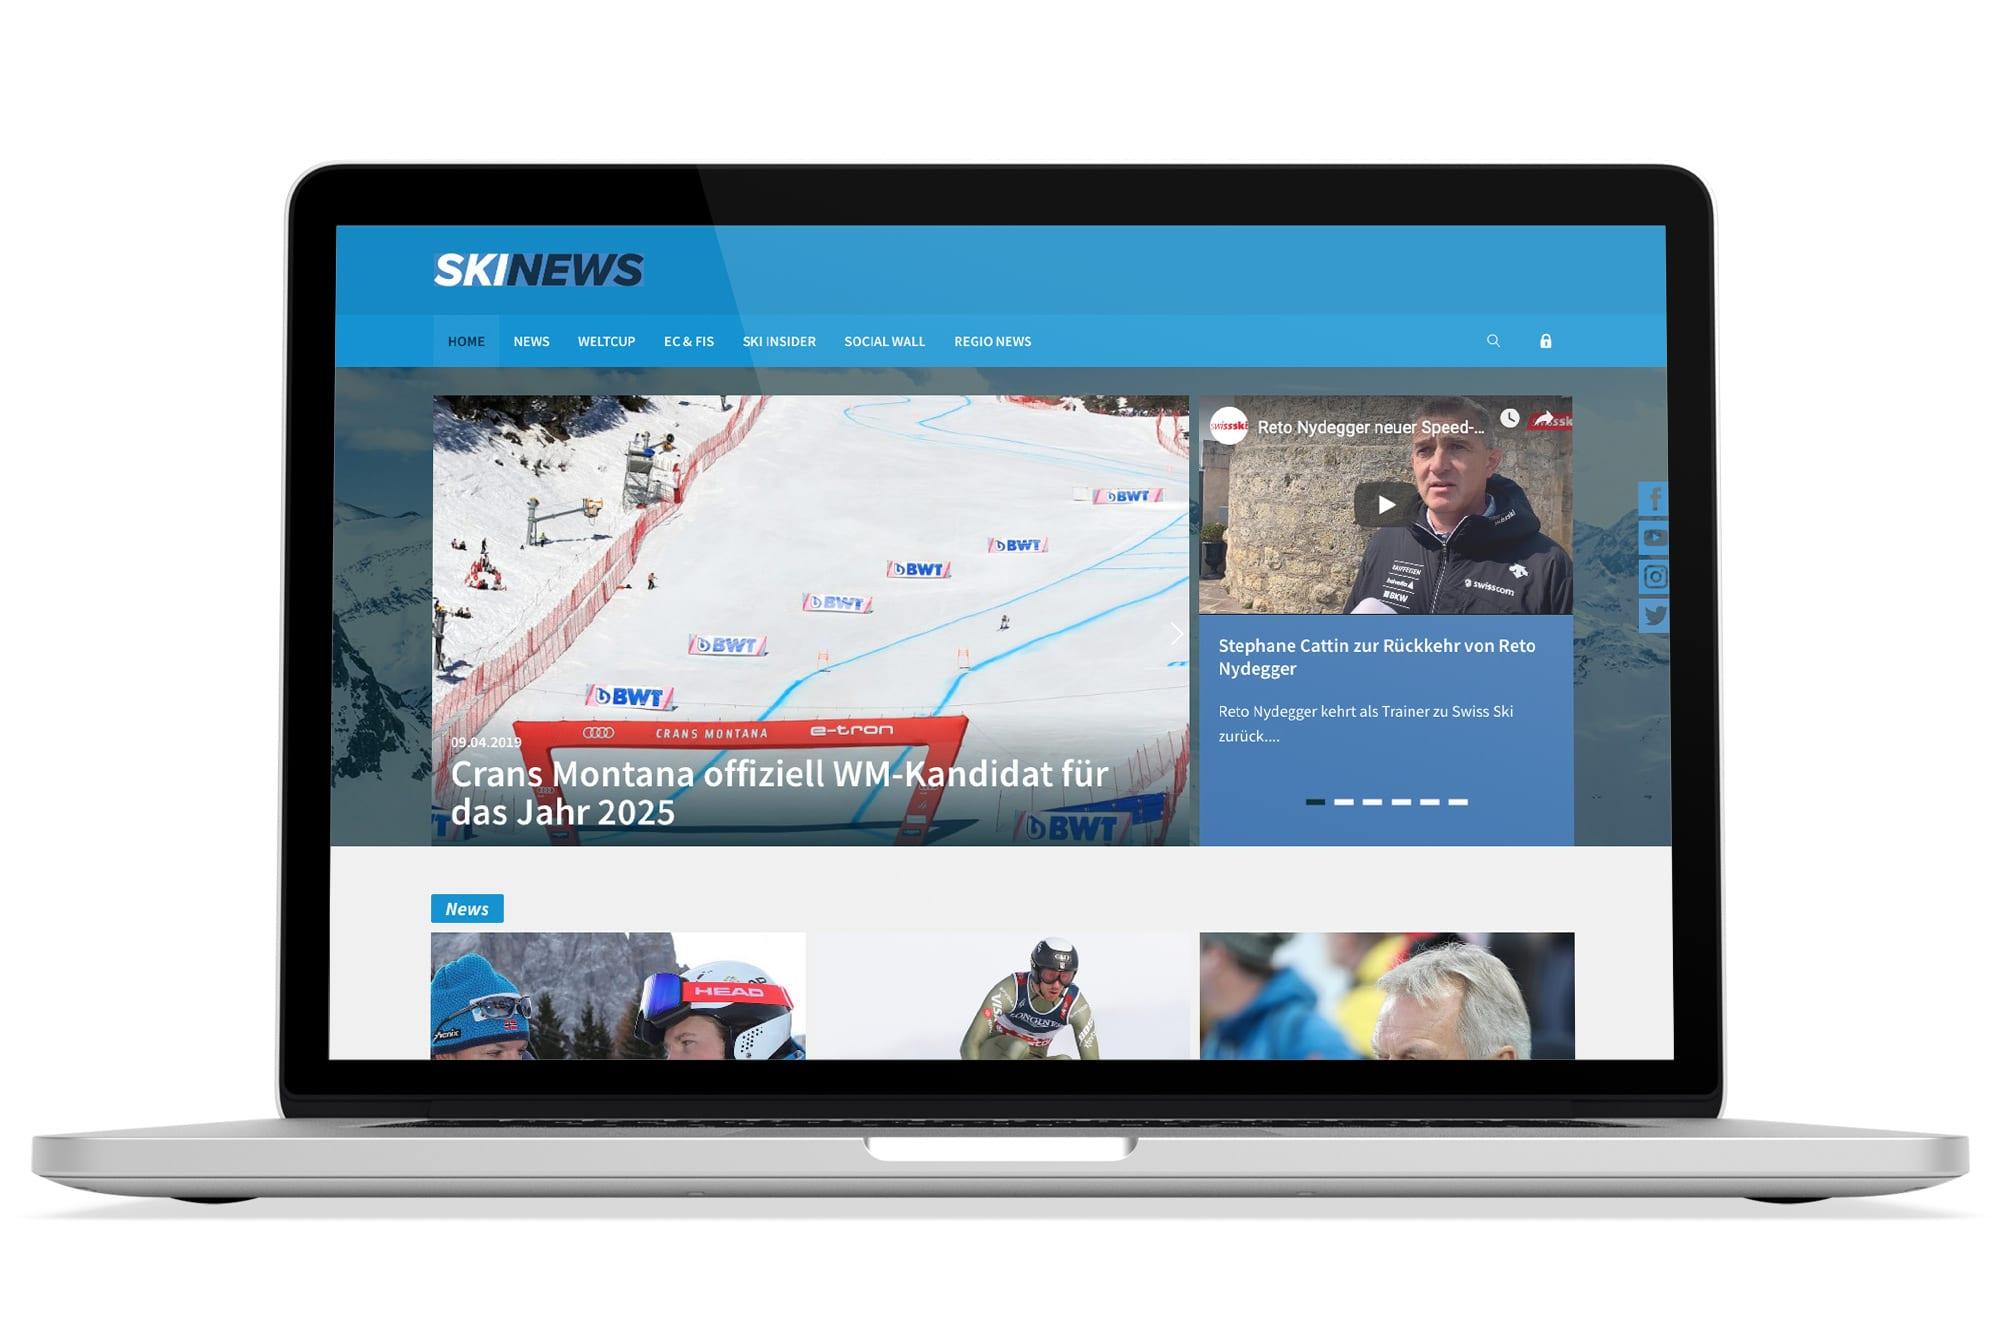 Webdesign Beispiel: Logodesign, Responsive Webdesign, WordPress für Ski News Portal